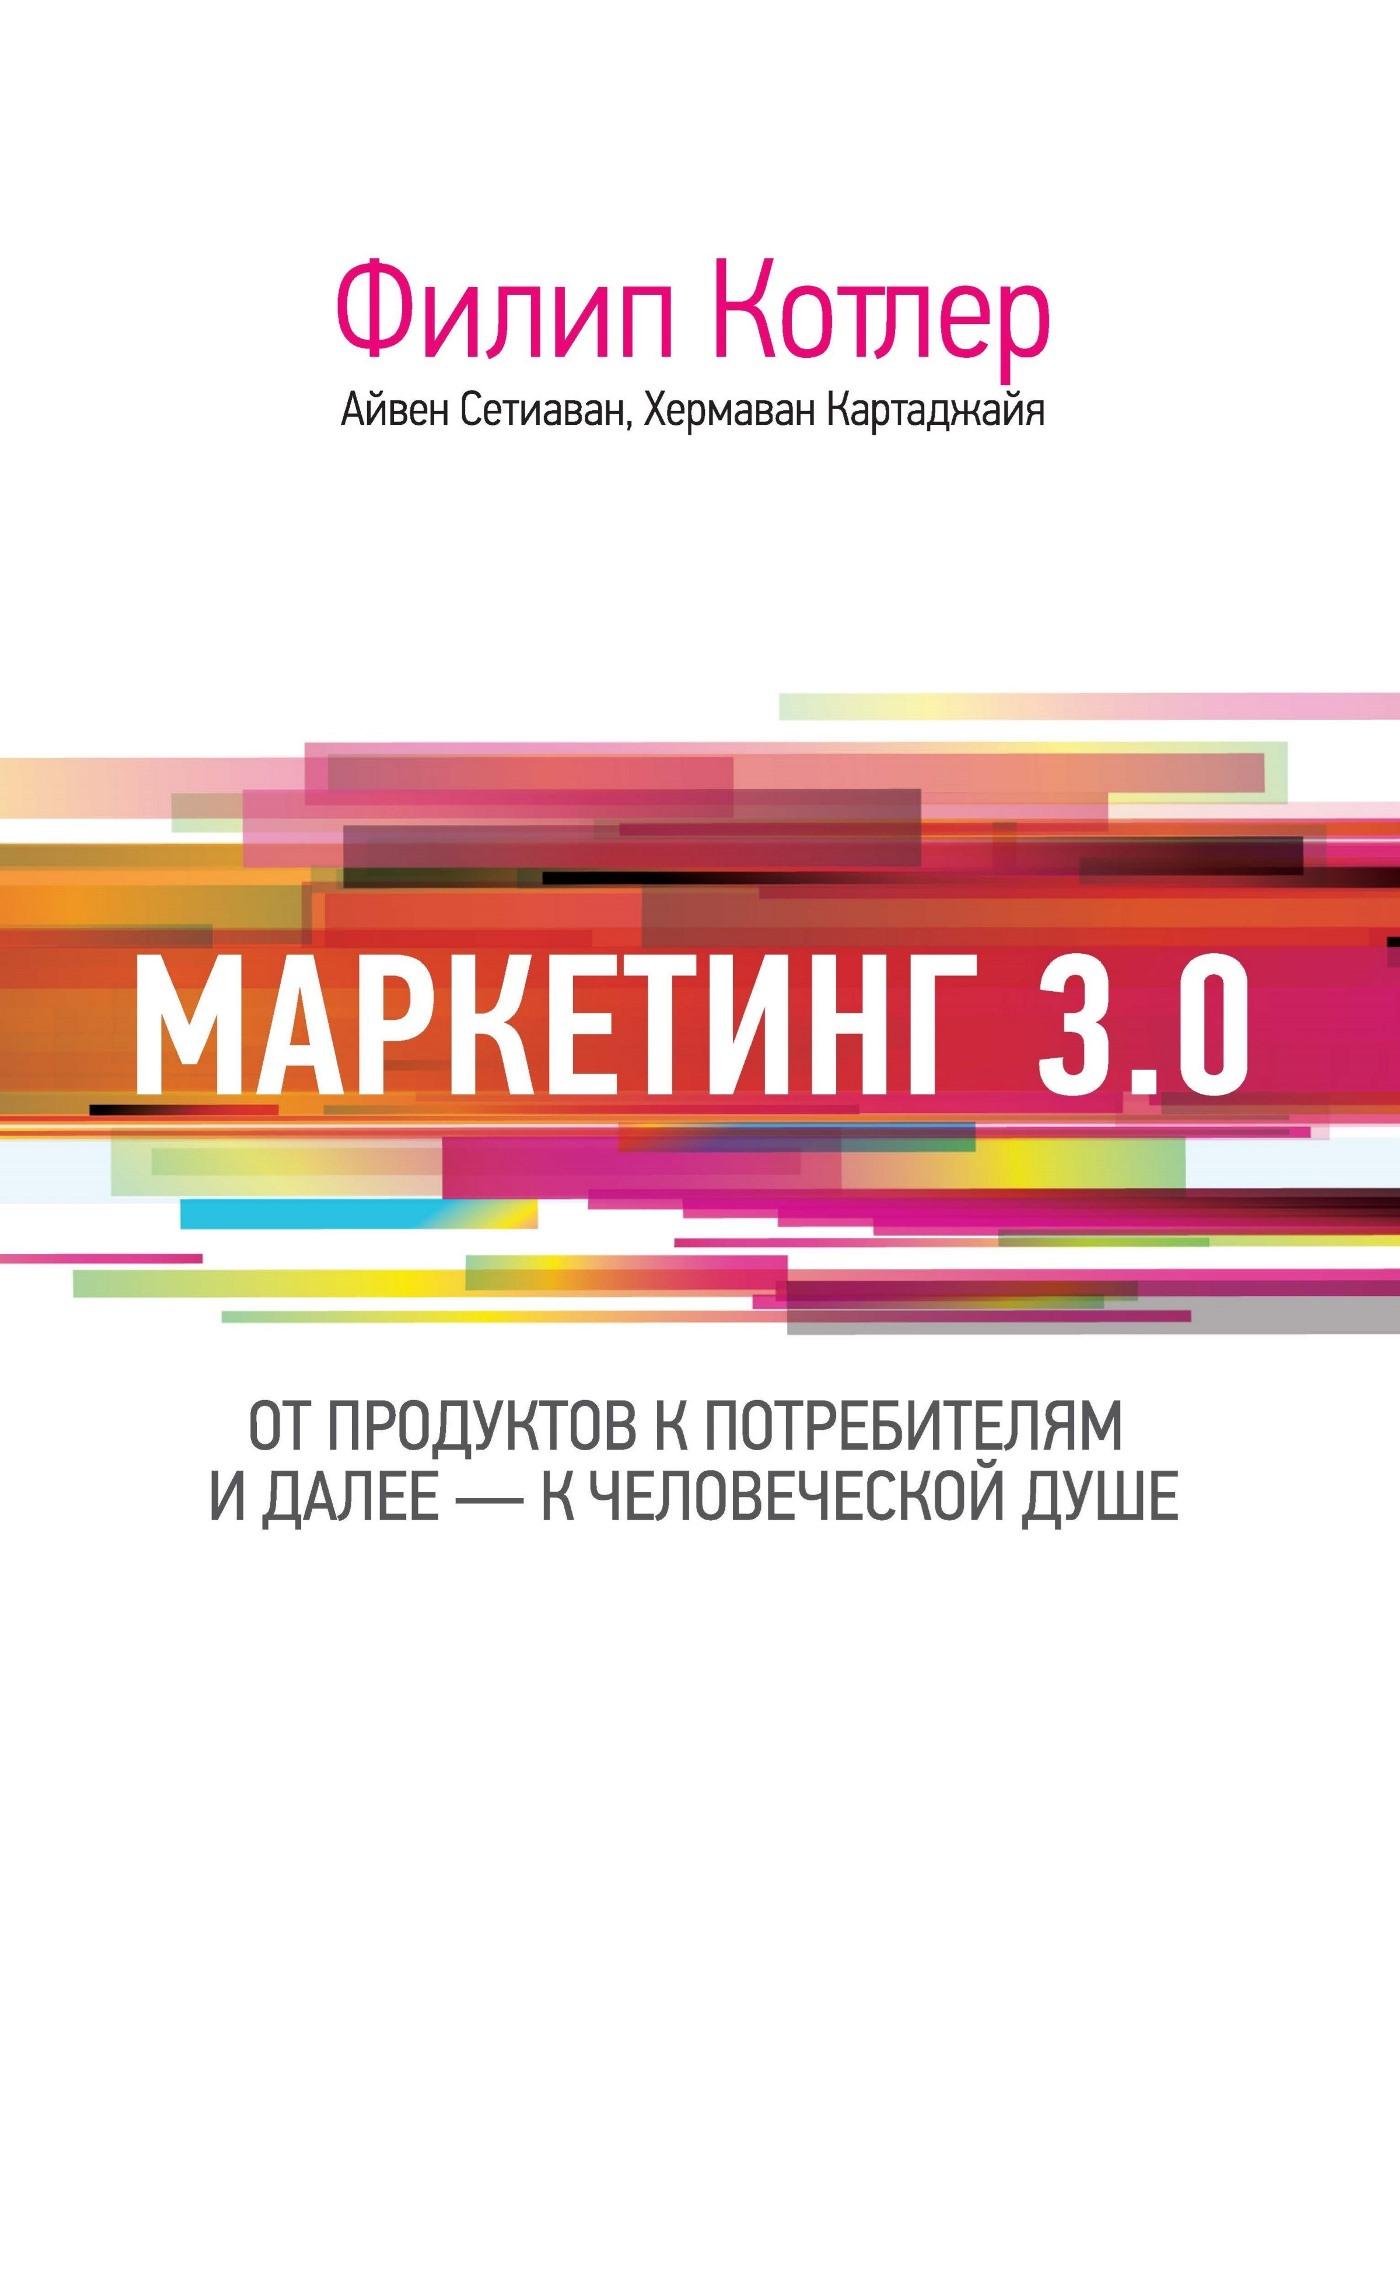 Филип Котлер Маркетинг 3.0: от продуктов к потребителям и далее – к человеческой душе филип котлер 0 маркетинг по котлеру как создать завоевать и удержать рынок